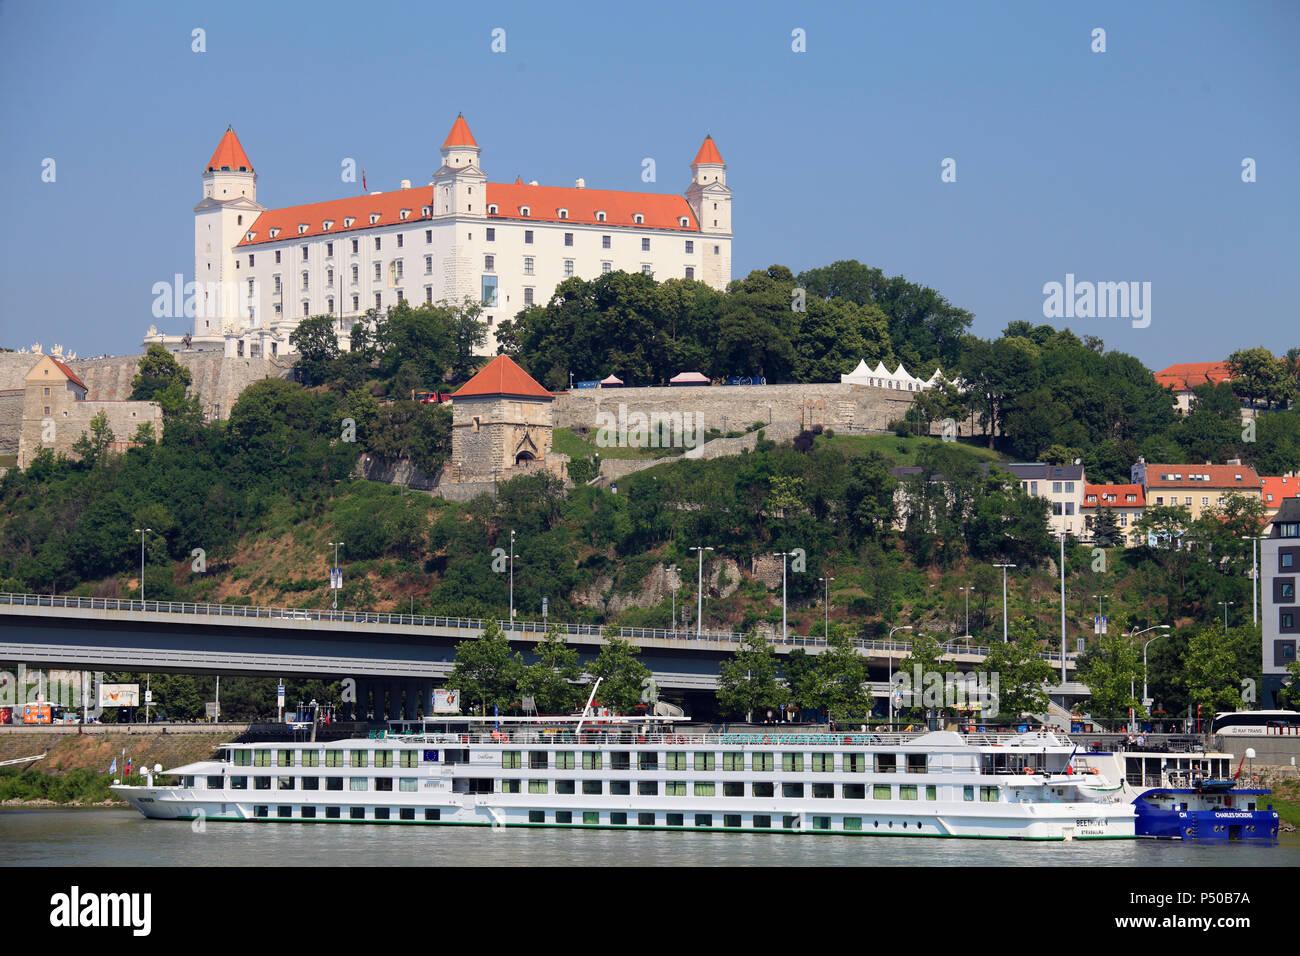 Slovakia, Bratislava, skyline, castle, Danube river, ships, - Stock Image